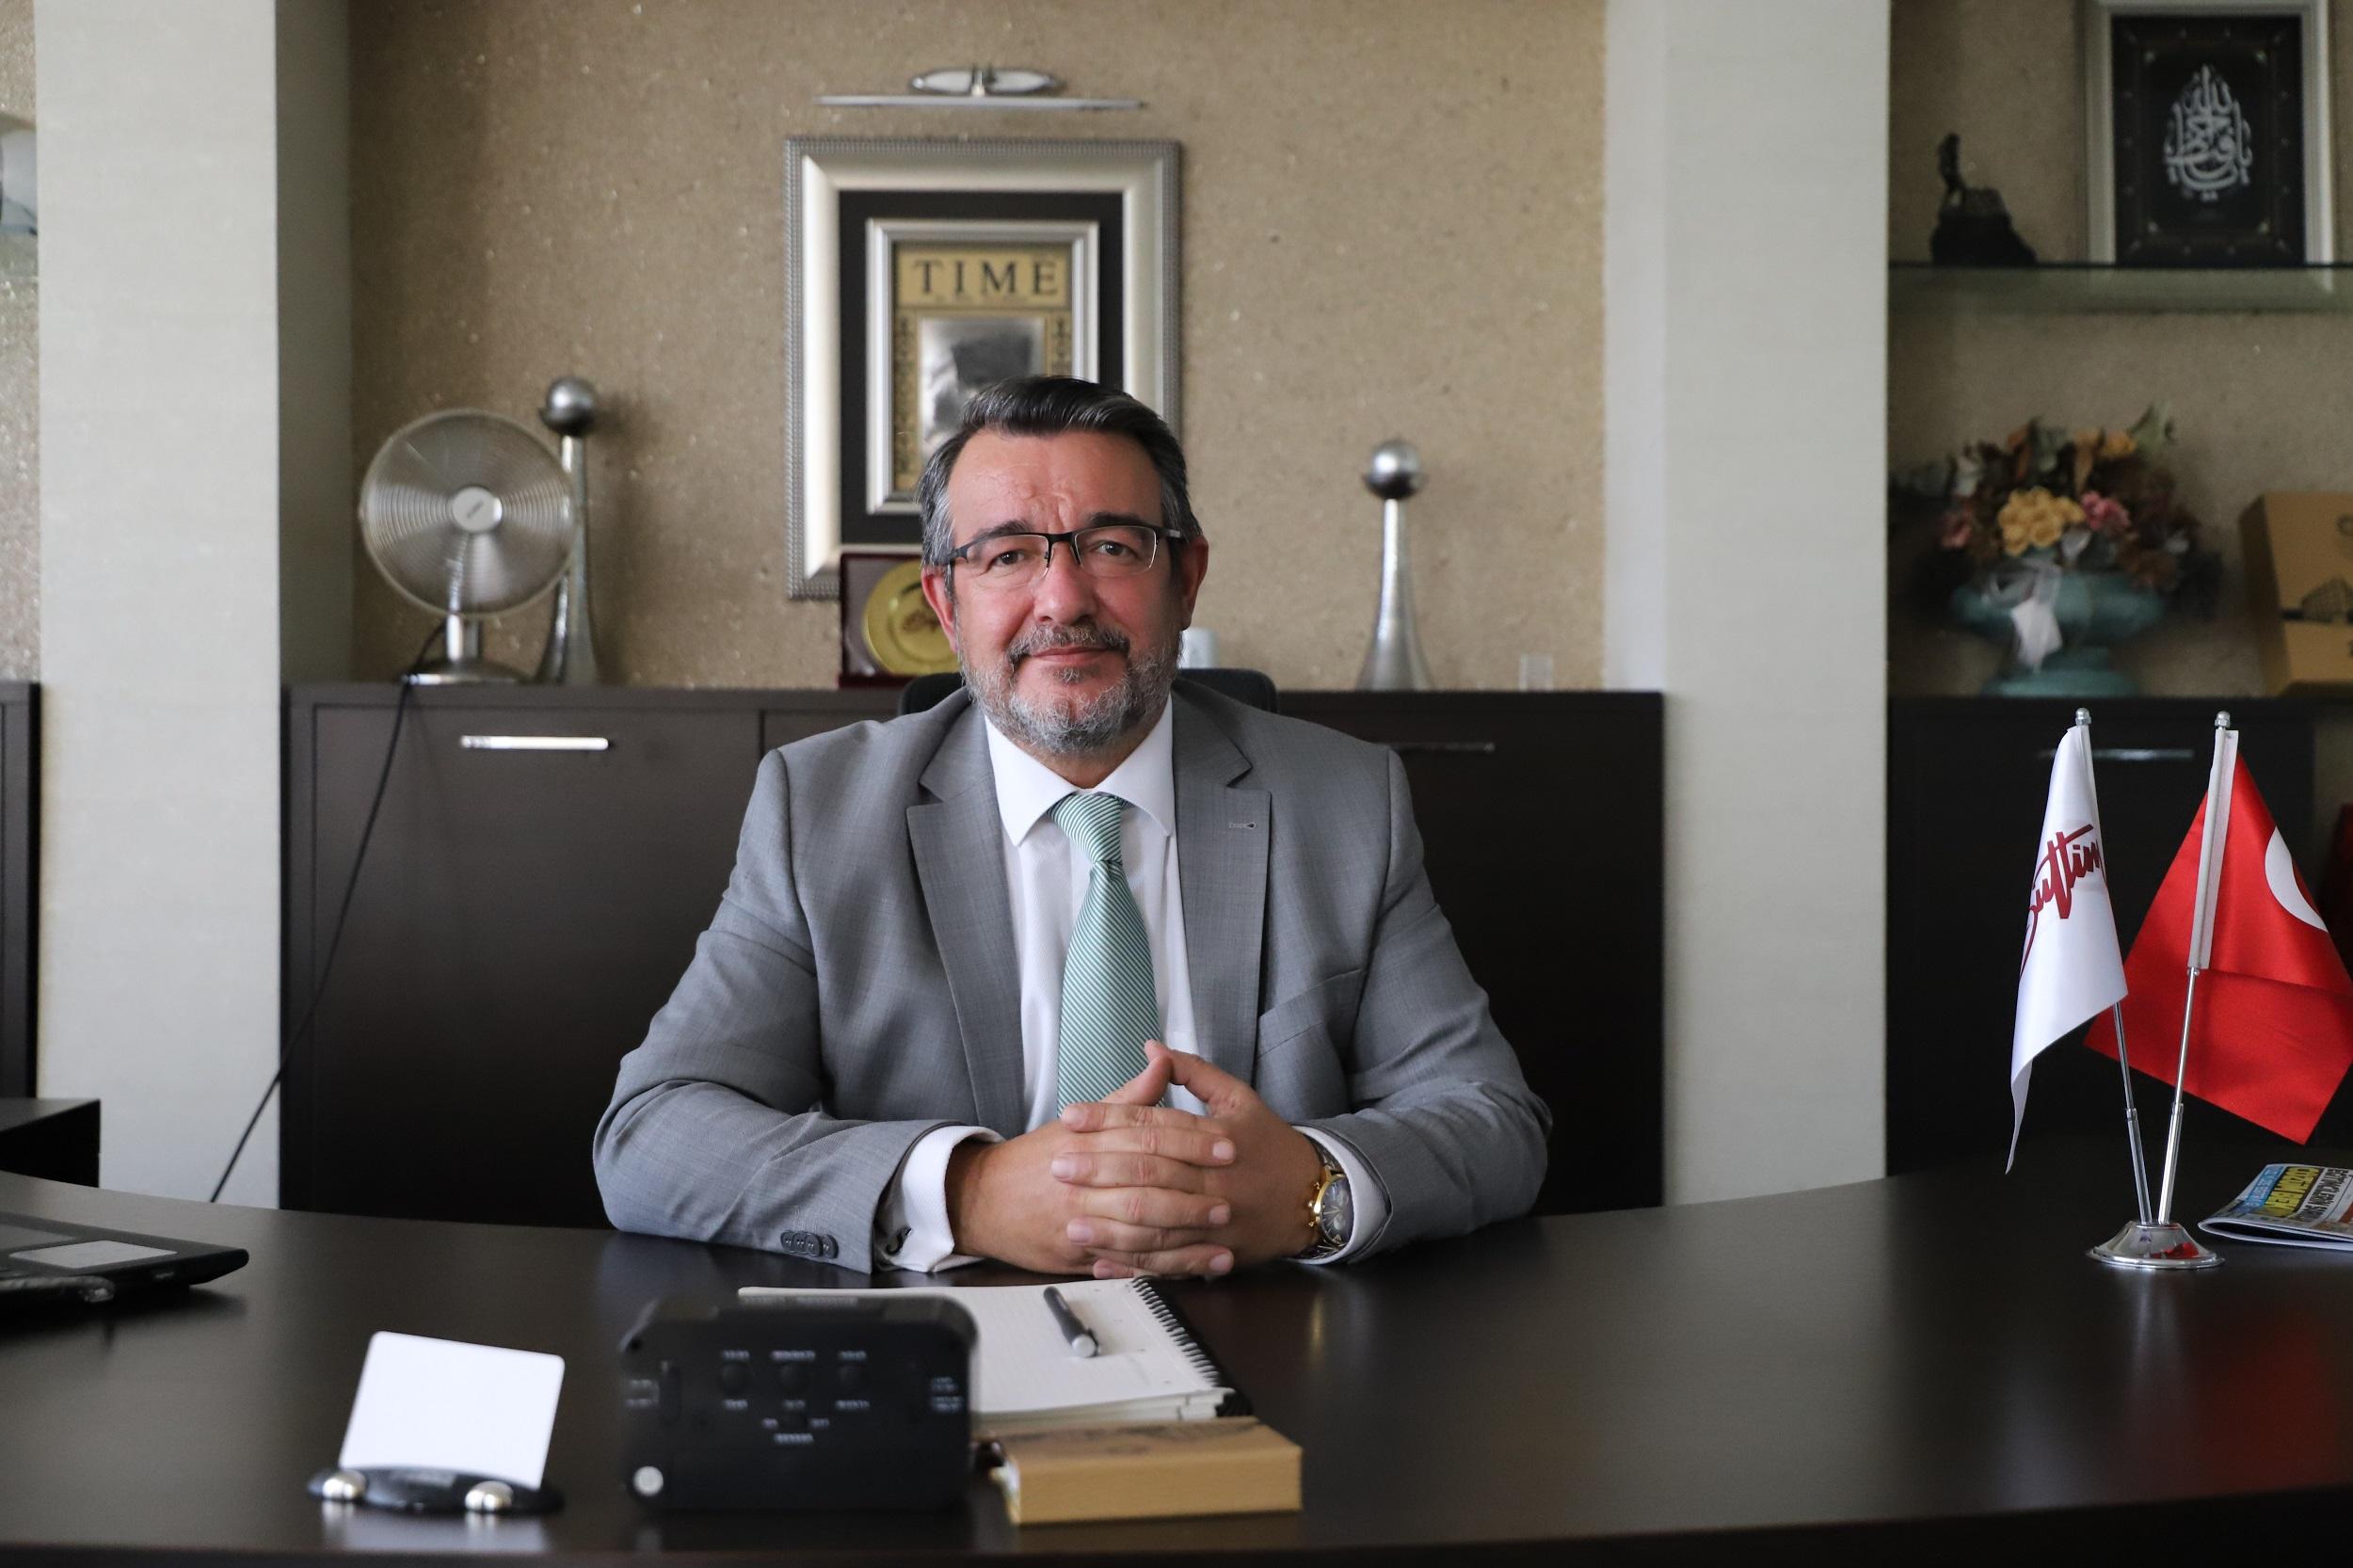 """<p>Bursa Uluslararası Tekstil Ticaret Merkezi (BUTTİM) Yönetim Kurulu Başkanı Sadık Şengül, pandemi sürecinin damgasını vurduğu 2020 yılındaki çalışmalarını anlatarak, yeni yılda da Türkiye ve Bursa ekonomisine katkı sağlayarak, şehir ekonomisinin en büyük destekçilerinden biri olmaya devam edeceklerini belirtti.</p> <p></p> <p>BUTTİM Başkanı Sadık Şengül, pandemi sürecinin damgasını vurduğu 2020 yılını ve çalışmalarını değerlendirdi. 2020 yılı Mart Ayı'nda Çin'de başlayarak tüm dünyayı etkisine alan küresel salgının üretim ve ticaret şehri Bursa'yı da etkilediğini belirten Sadık Şengül, şu ana kadar gerek devletin istihdam ve işveren destekleri gerekse de her ölçekten iş dünyası temsilcisinin dik duruşları ile ekonomide mümkün olan en az hasarla gelindiğini söyledi.</p> <p></p> <p>Başkan Şengül, BUTTİM'de ticaretin ve üye firmalarının işlerininin aksaksız bir şekilde sürmesi için salgın sürecinin başından bu yana gereken tüm tedbirleri alarak, çalışmalarına devam ettiklerini belirtti. Başkan Sadık Şengül, insan sağlığını öncelik olarak alarak ticaret merkezlerinde düzenli aralıklarla tüm dezenfeksiyon çalışmalarını aralıksız sürdürdüklerini belirterek, """"Yaklaşık 8 bin kişiyi barındırdığımız BUTTİM'de ülke ekonomisine katkı sağlamak için üreten ve ihracat yapan üyelerimizin ticari faaliyetlerini aksatmadan sürdürebilmeleri için Yönetim Kurulu ve değerli üyelerimizle sürekli istişarelerde bulunarak çalıştık ve çalışmaya da devam ediyoruz. Tüm dünyada olduğu gibi ülkemizde de olumsuz etkisini hissettiren pandemi sürecinde Bursamızın ve ülkemizin yanında olarak, her zamanki gibi çok çalışarak bu zorlu sürecin en az hasarla atlatılabilmesi için katkı sağlamak adına elimizden gelen her türlü çabayı gösteriyoruz ve göstermeye devam edeceğiz"""" dedi.</p> <p></p> <p>İhracat hedeflerine ulaşılsa da büyüme ve enflasyon anlamında mevcut koşullar nedeniyle istenen rakamlardan uzaklaşıldığına işaret eden Sadık Şengül, şunları söyledi: """"Dünya ekonomilerini zorda bırakan Covid virüs"""